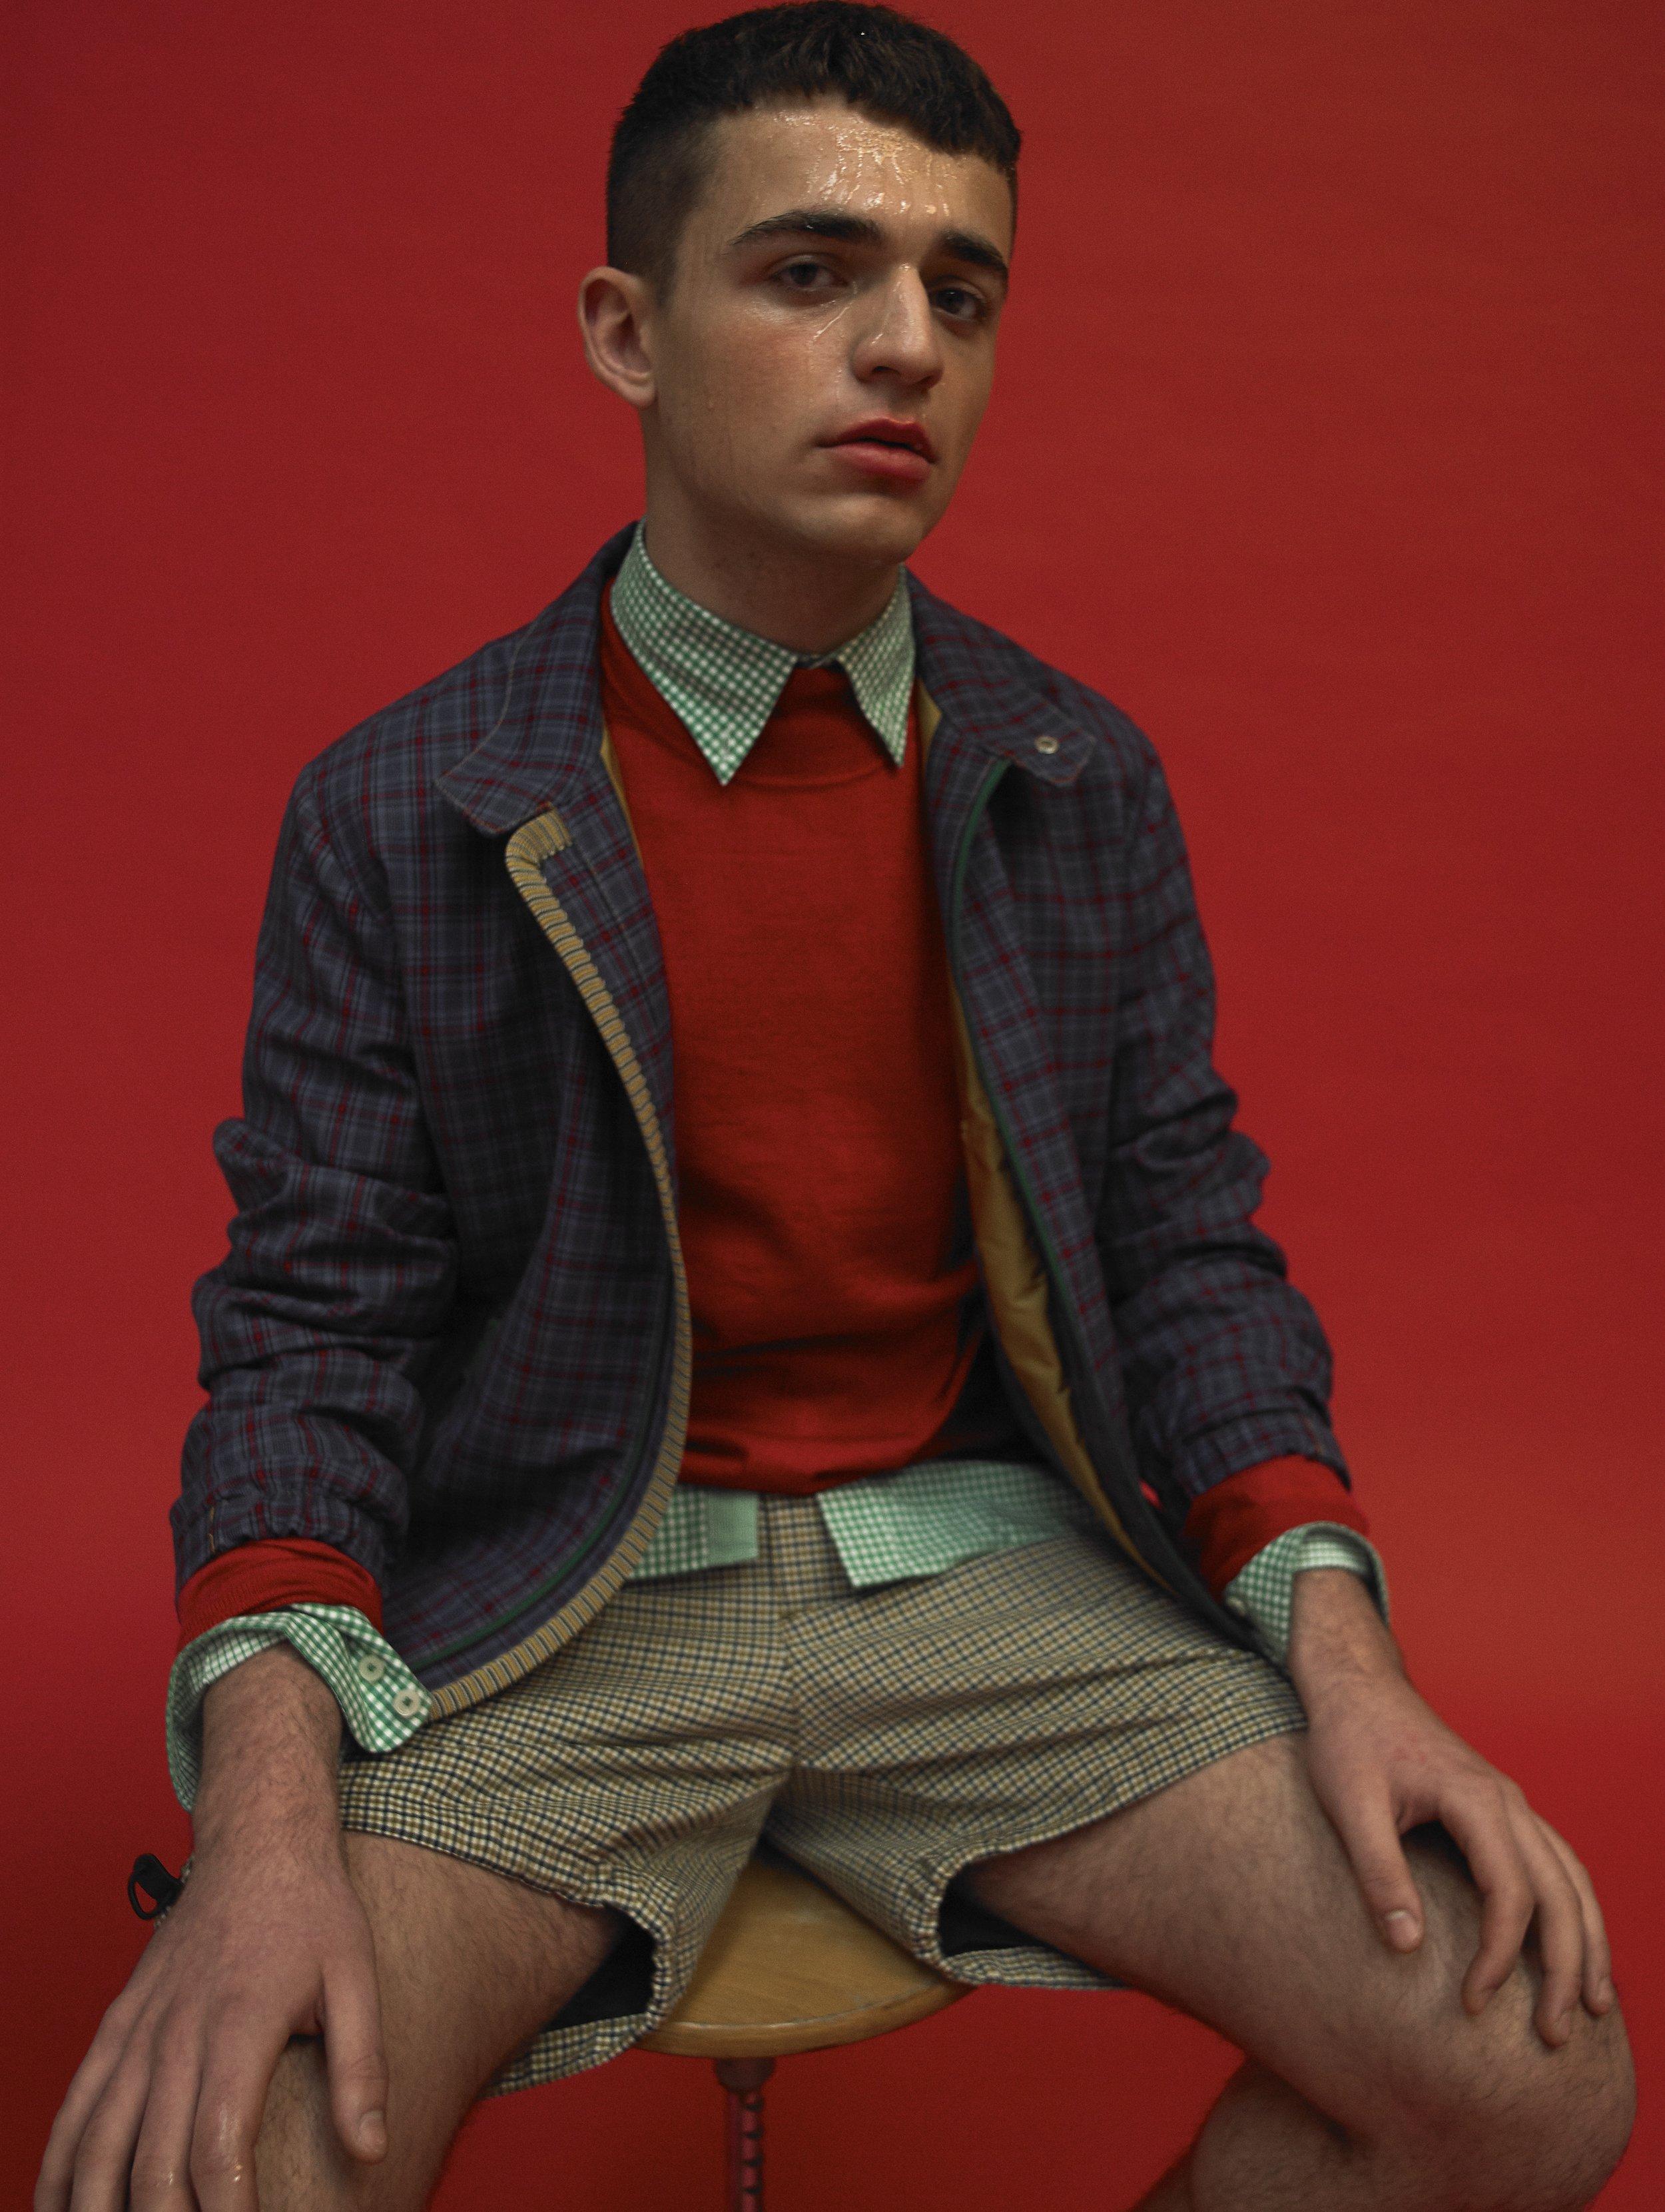 Chaqueta y pantalón de PRADA, camisa de HACKETT y suéter de AVELLANEDA.